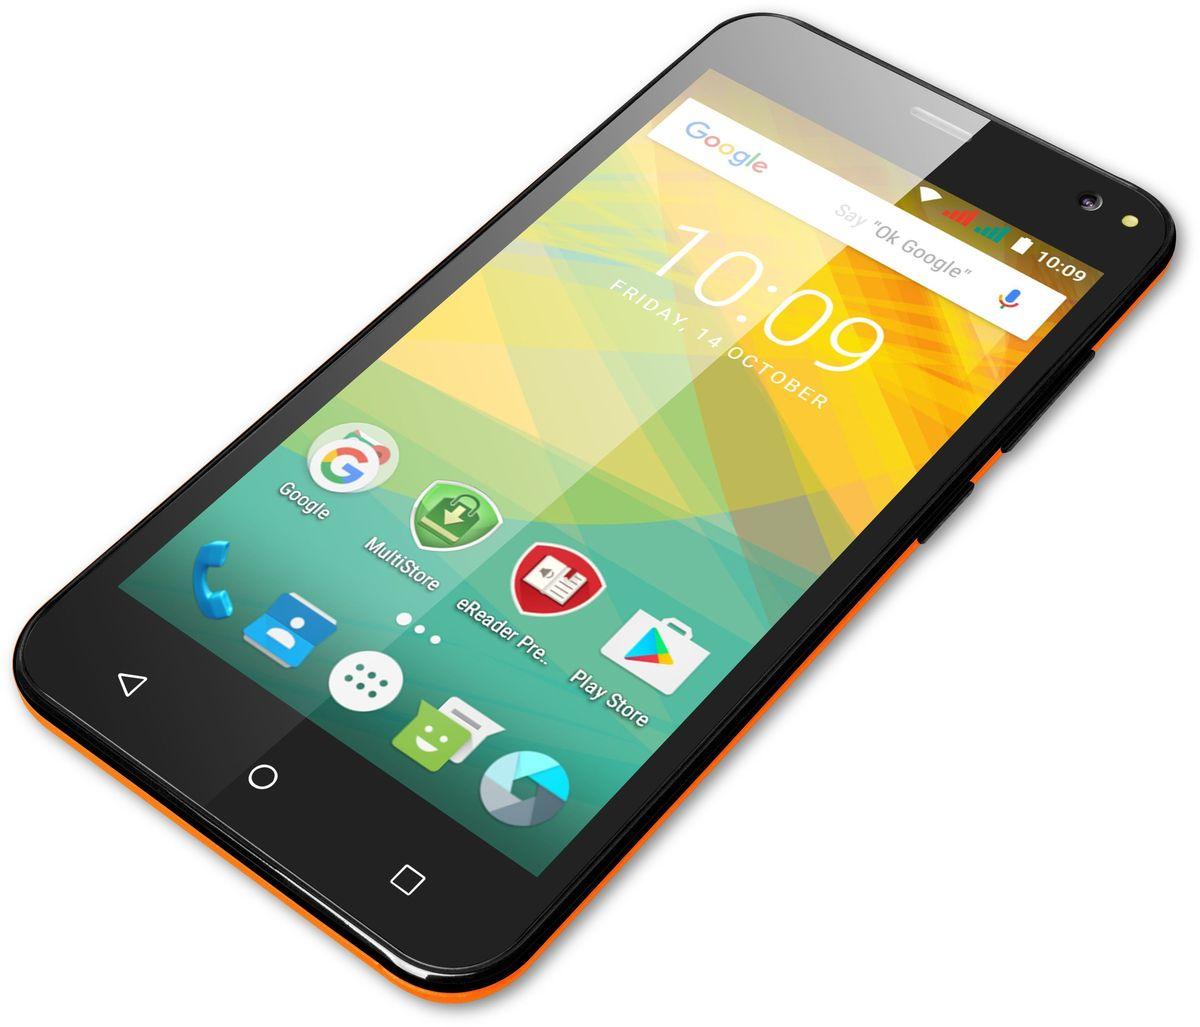 Prestigio Wize NV3, OrangePSP3537DUOORANGEЦветной всплеск: Покажите всем, что вы - яркая творческая личность, с этим неординарным смартфоном. Широкая цветовая палитра на выбор, удобный 5,0-дюймовый экран, две камеры со вспышками для прекрасных фотографий и мощный четырехъядерный процессор - все, что нужно, чтобы подчеркнуть, что вы живете в своем собственном стиле. Для ежедневных задач: Четырехъядерный процессор с частотой 1,2 ГГц гарантирует мощную и надежную производительность. Запускайте несколько приложений одновременно и наслаждайтесь общением с друзьями во время игр, чтения или работы с документами. Wize NV3 оснащен 8 ГБ внутренней памяти, которых вполне достаточно для установки всех приложений для сохранения файлов. Android Marshmallow: Самая популярная ОС улучшает производительность аппаратной части Prestigio. Wize NV3 работает на базе улучшенной версии Android: 6.0 Marshmallow. А значит, он оснащен умным режимом экономии энергии Doze и многими другими классными свойствами. ...